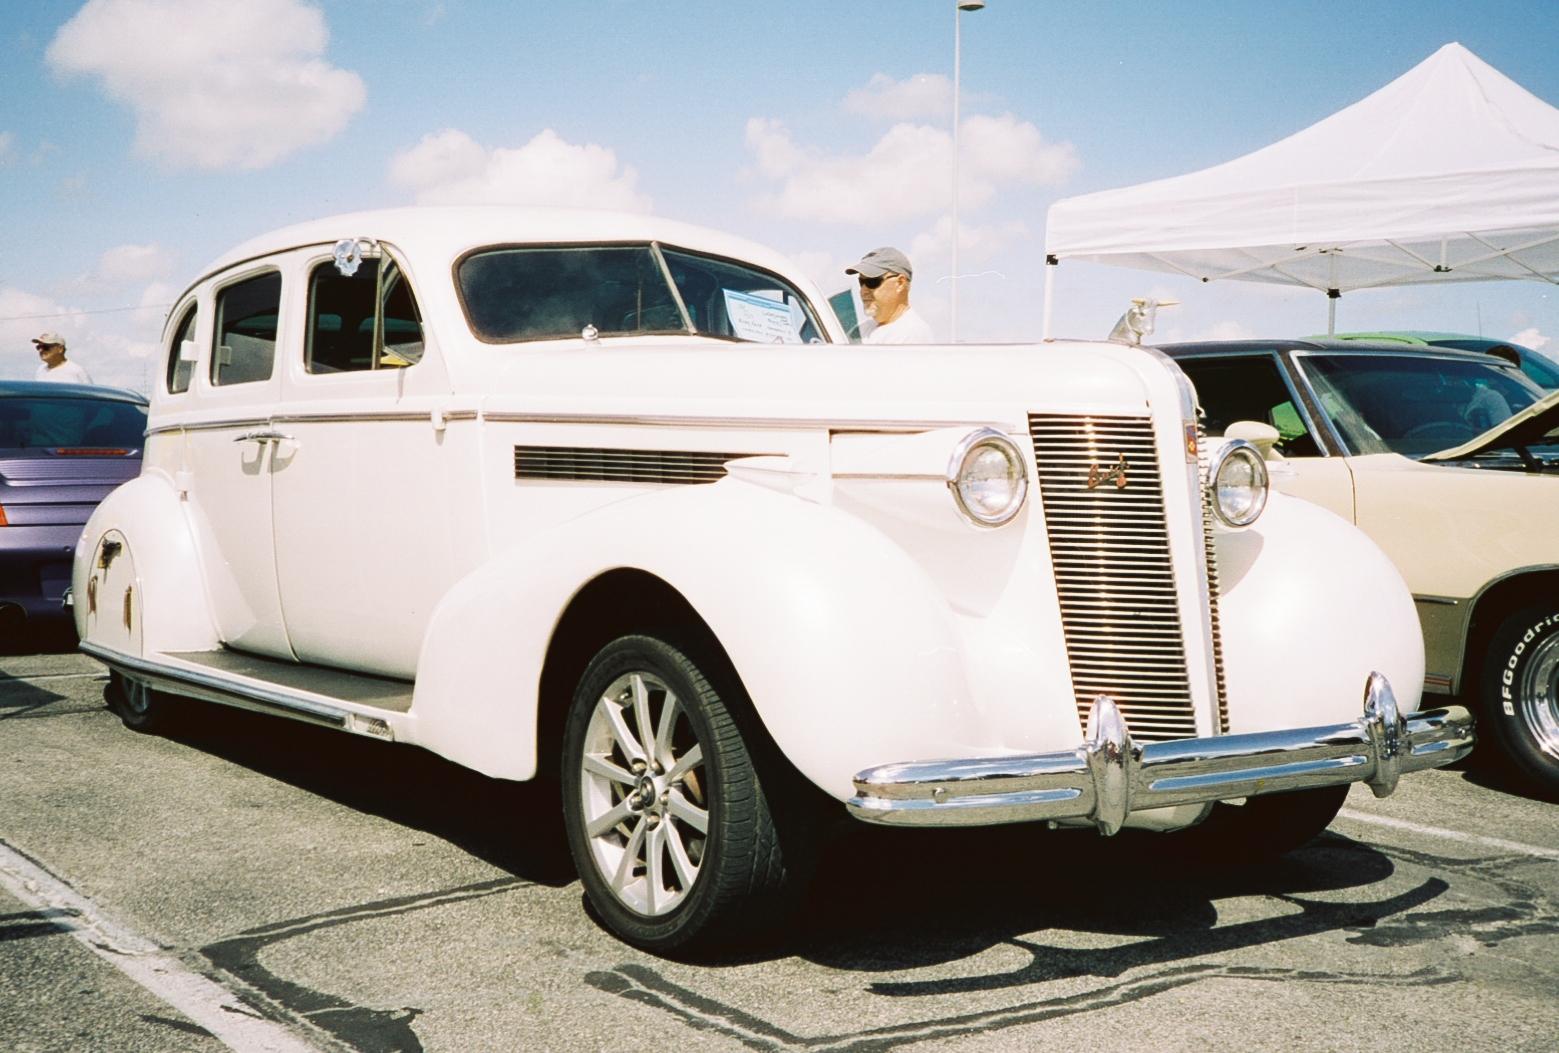 hutto-car-show-xa2-037.jpg